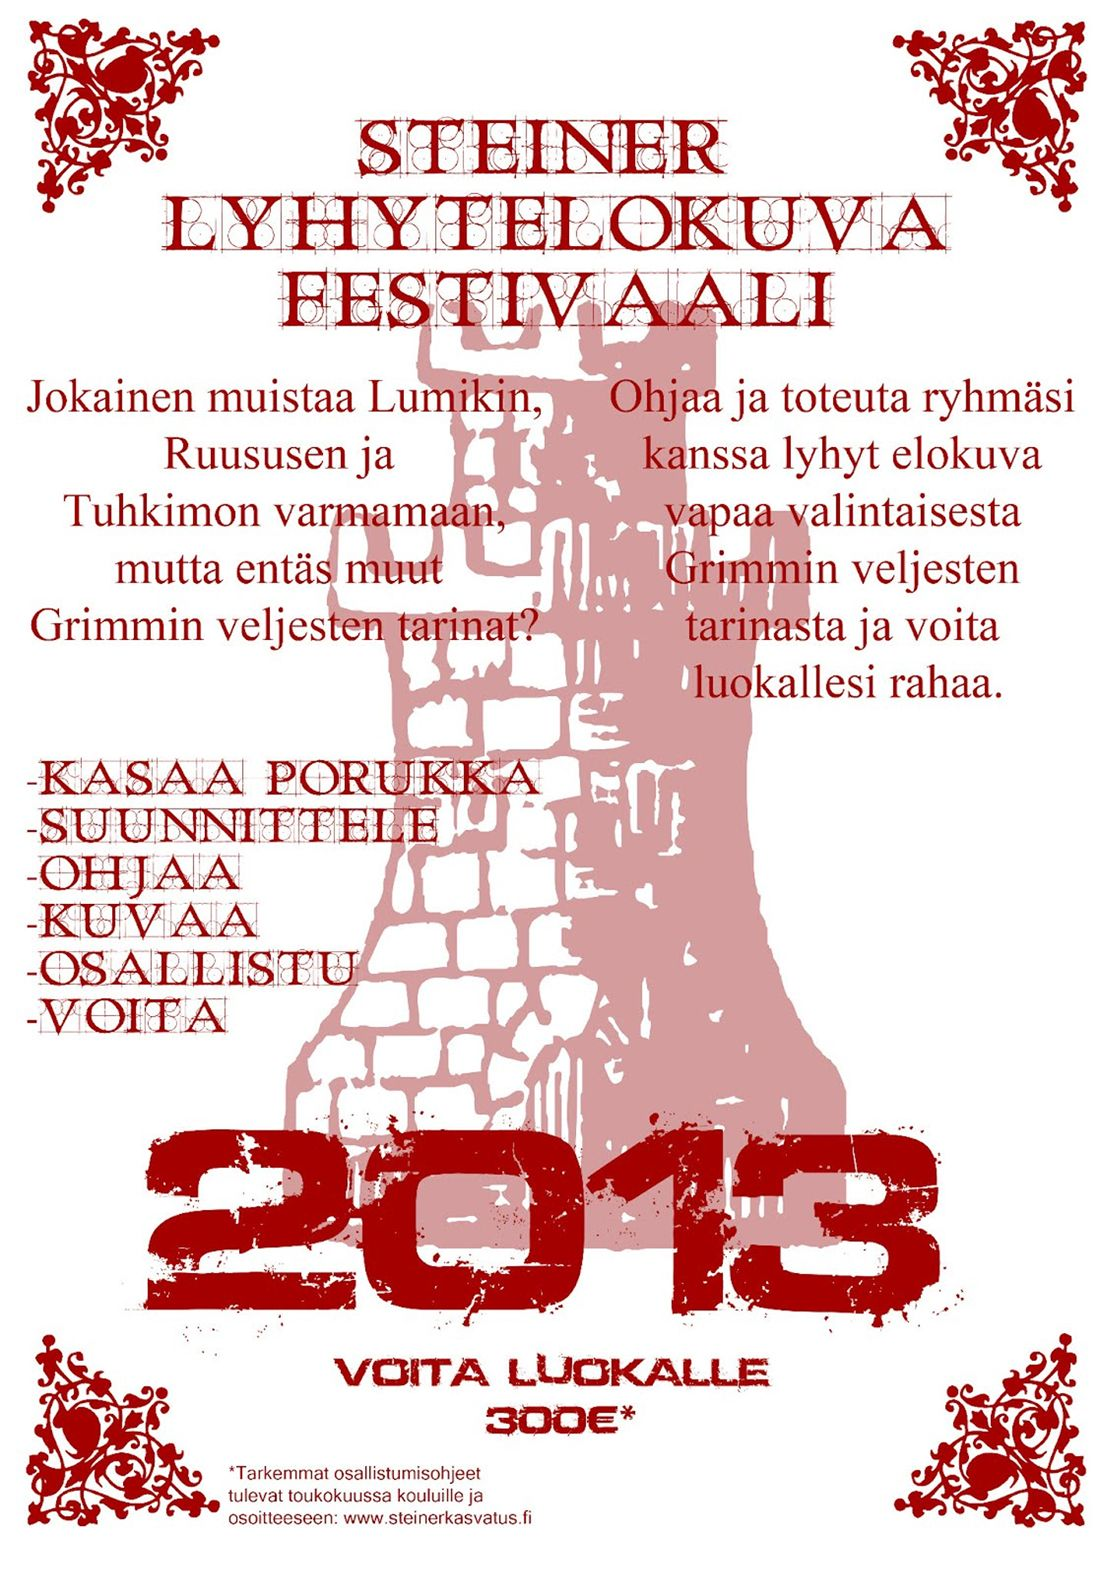 Steinerkoululaisten lyhytelokuva festivaali 2013